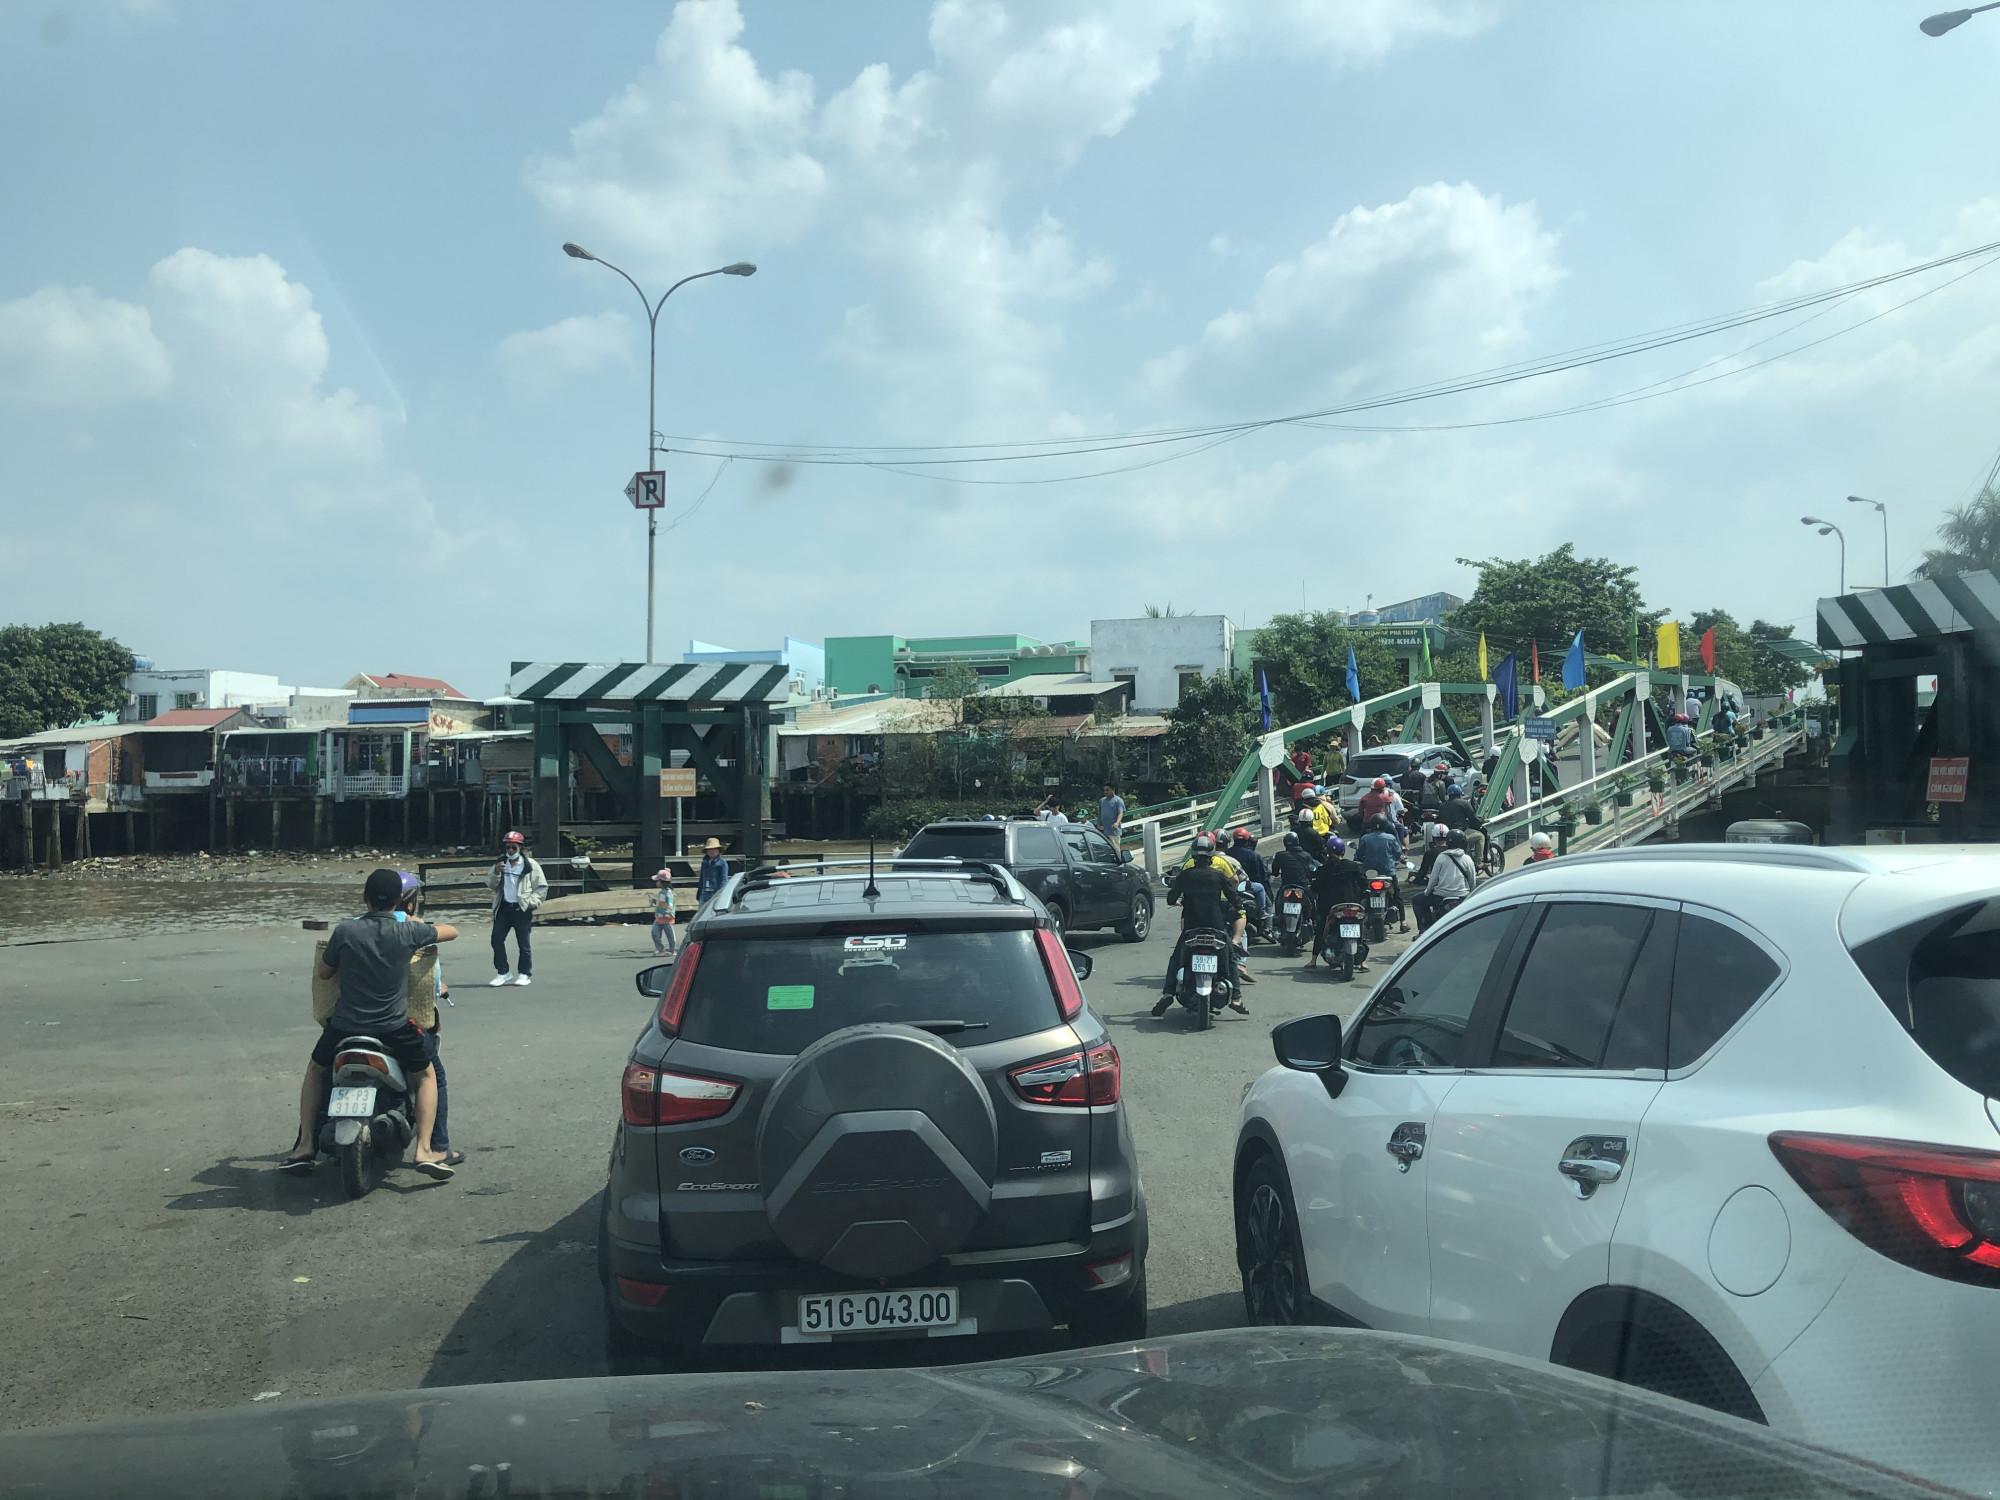 Nhiều du khách lựa chọn Cần Giờ là địa điểm du xuân. Tại phà Bình Khánh phương tiện di chuyển từ TPHCM ra huyện đảo Cần Giờ